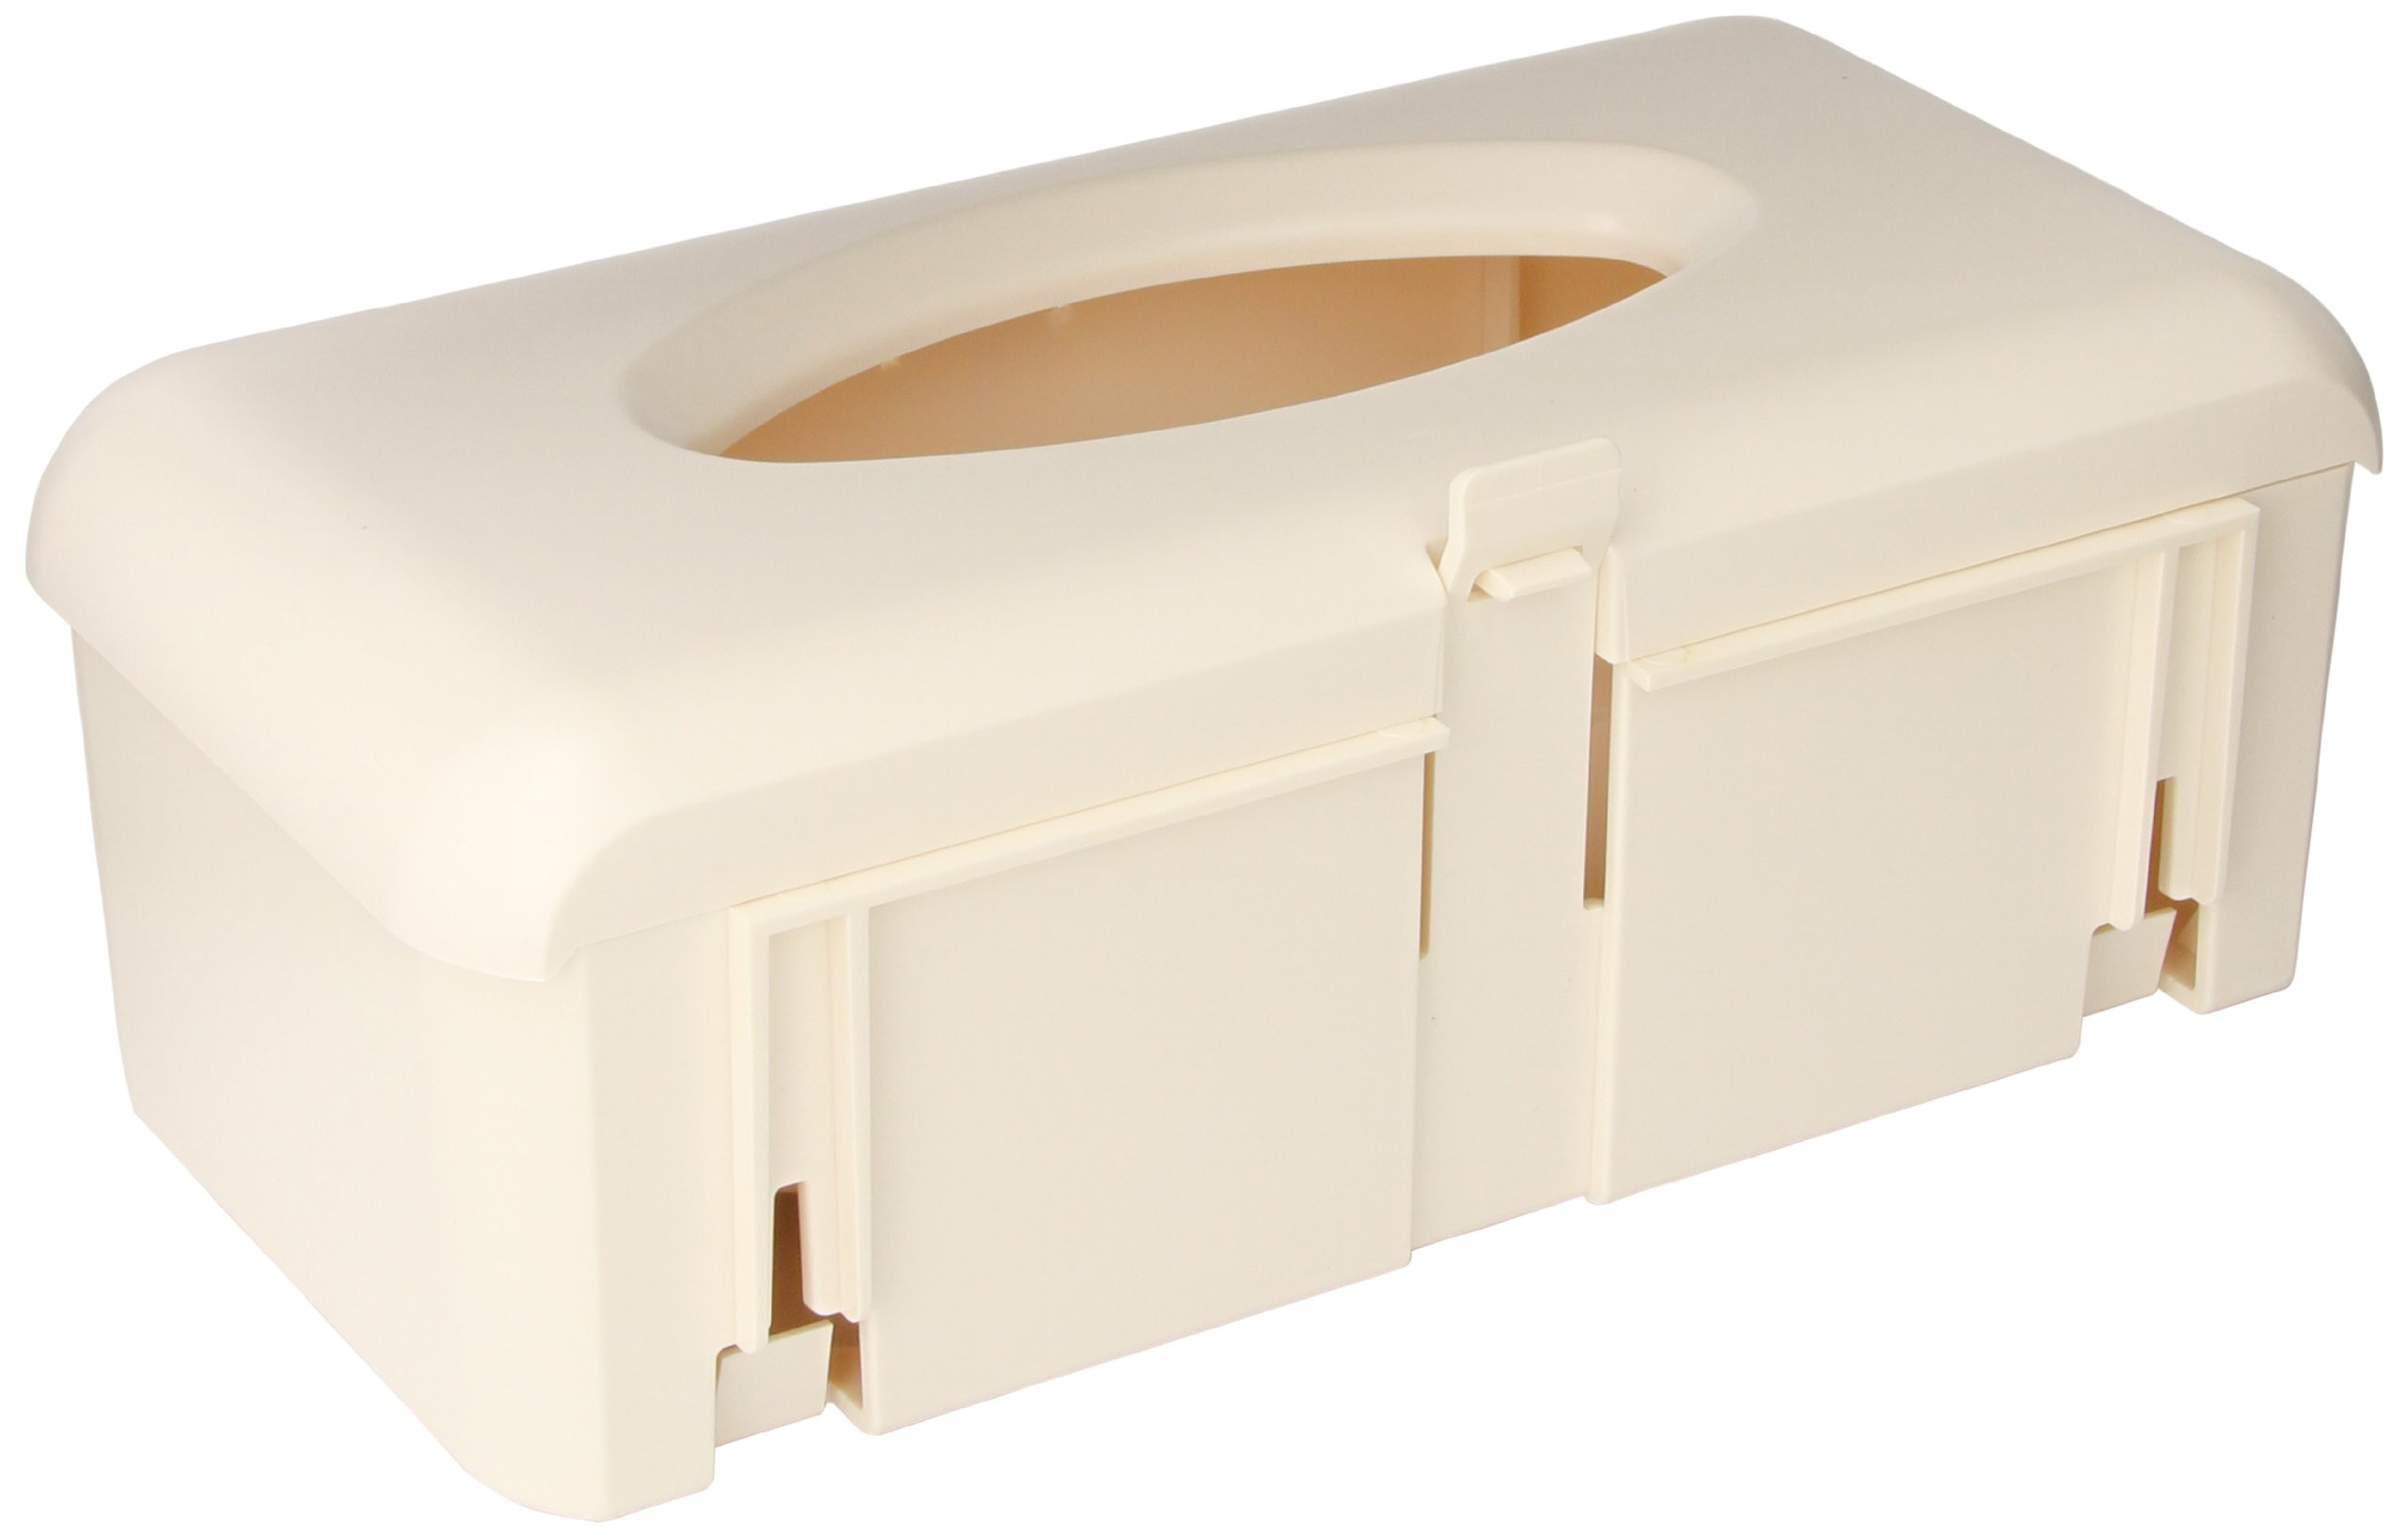 BD 305448 Glove Box Cabinet Bracket, 12'' Width x 7'' Height x 4-1/4'' Depth, Beige (Case of 6)